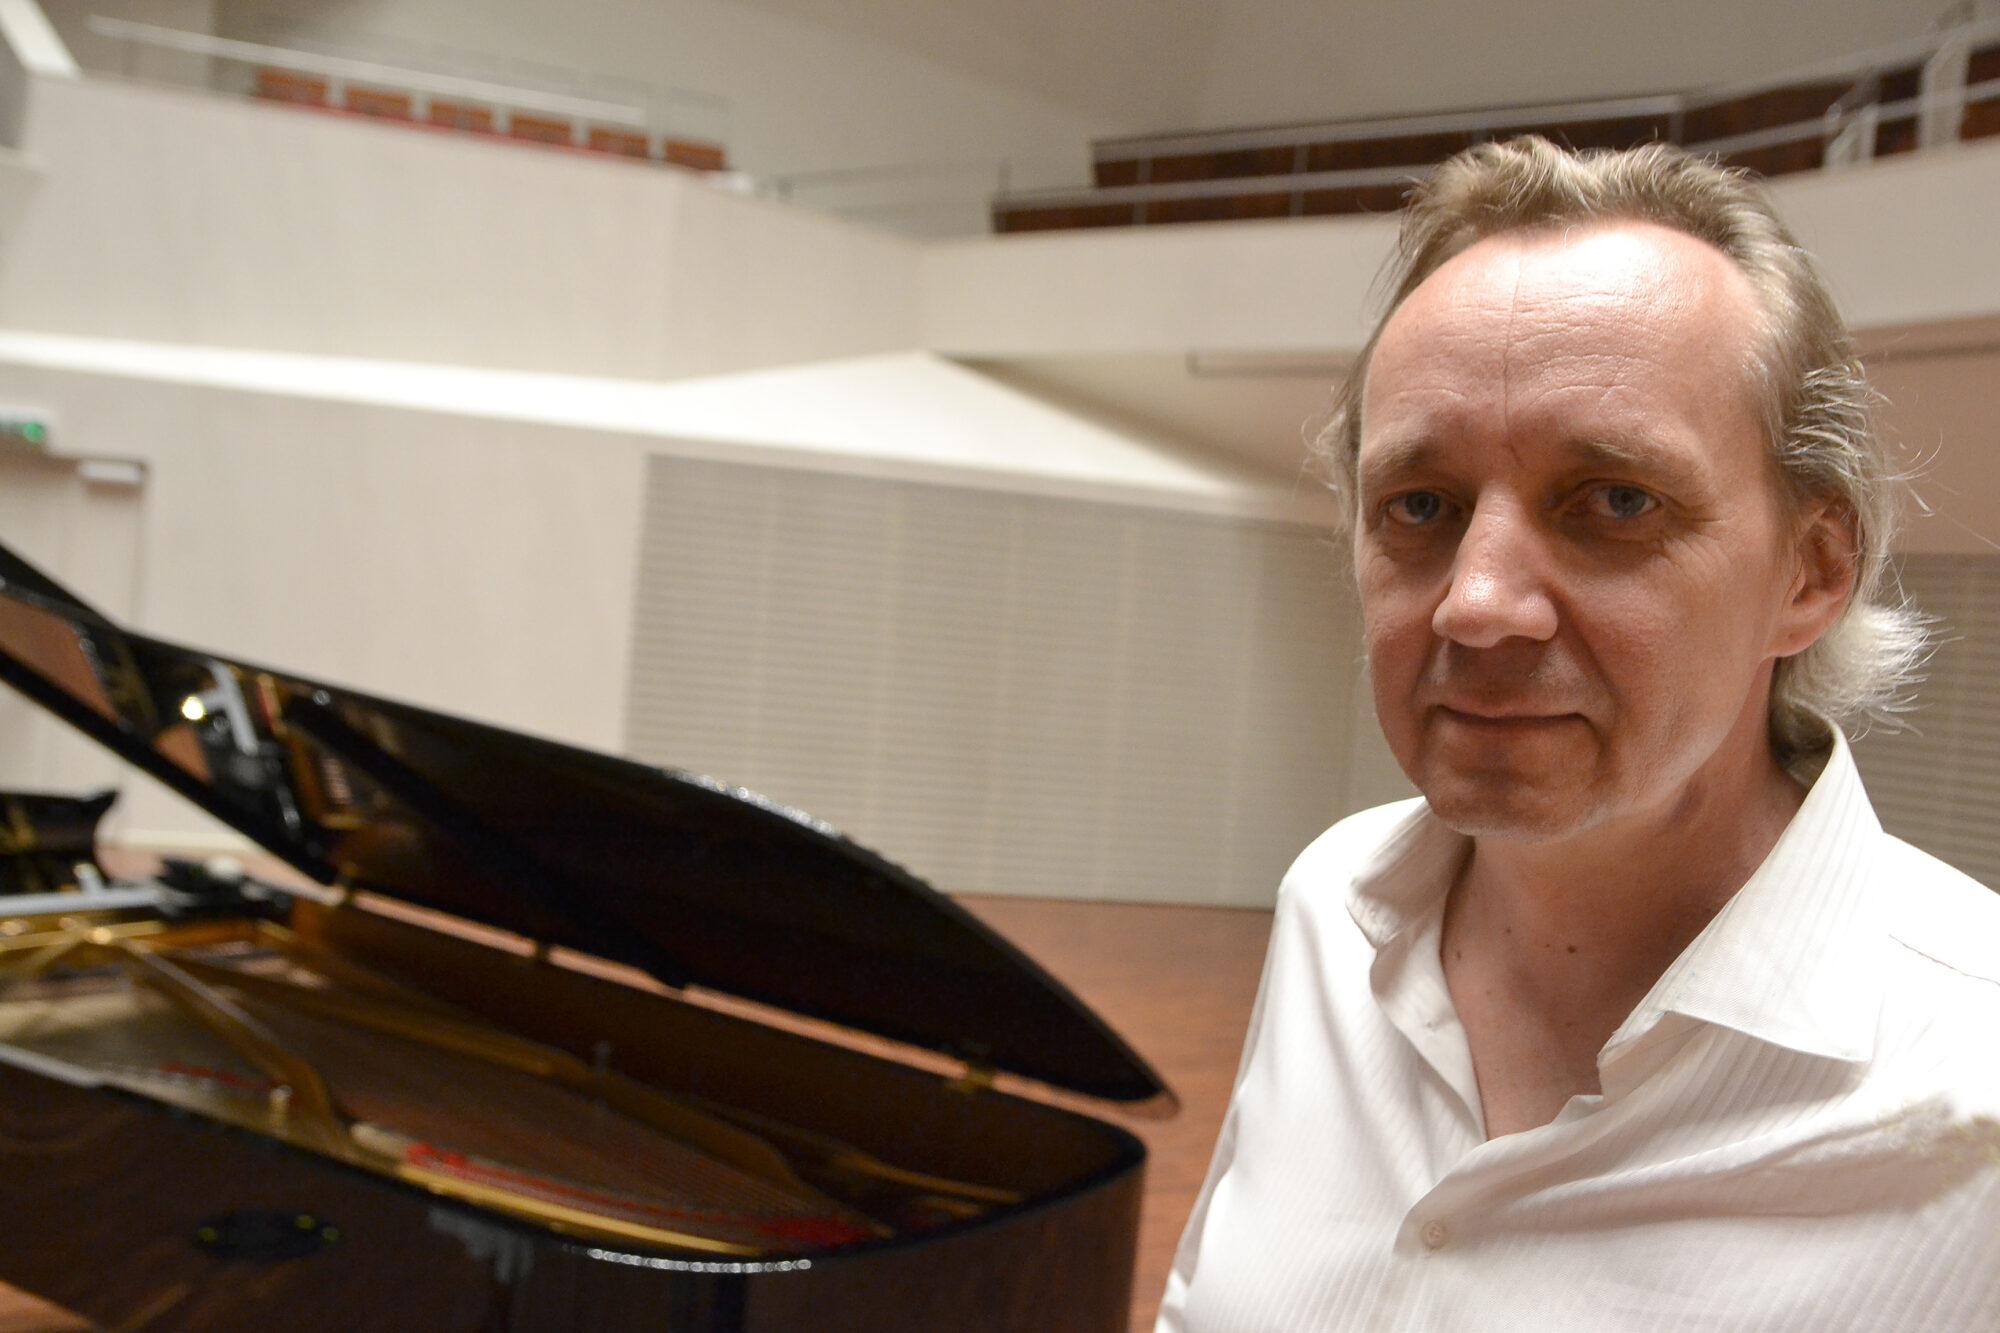 Ar koncertu atzīmē Jāņa Lūsēna un Zigfrīda Muktupāvela 35 gadus ilgo muzikālo sadarbību